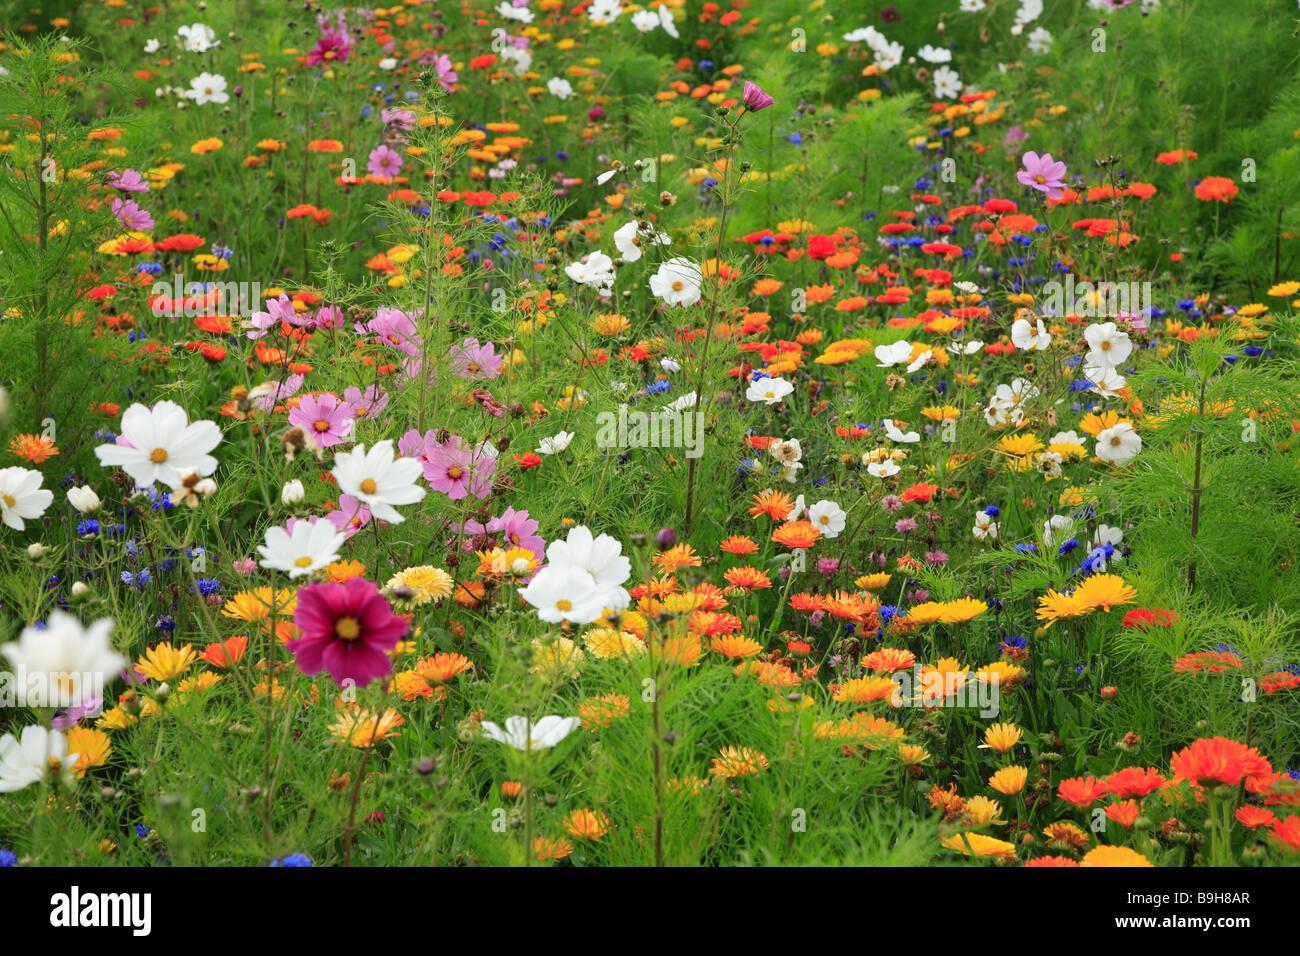 wiese wildblumen wiese wiese sommer blumenwiese blumen pflanzen